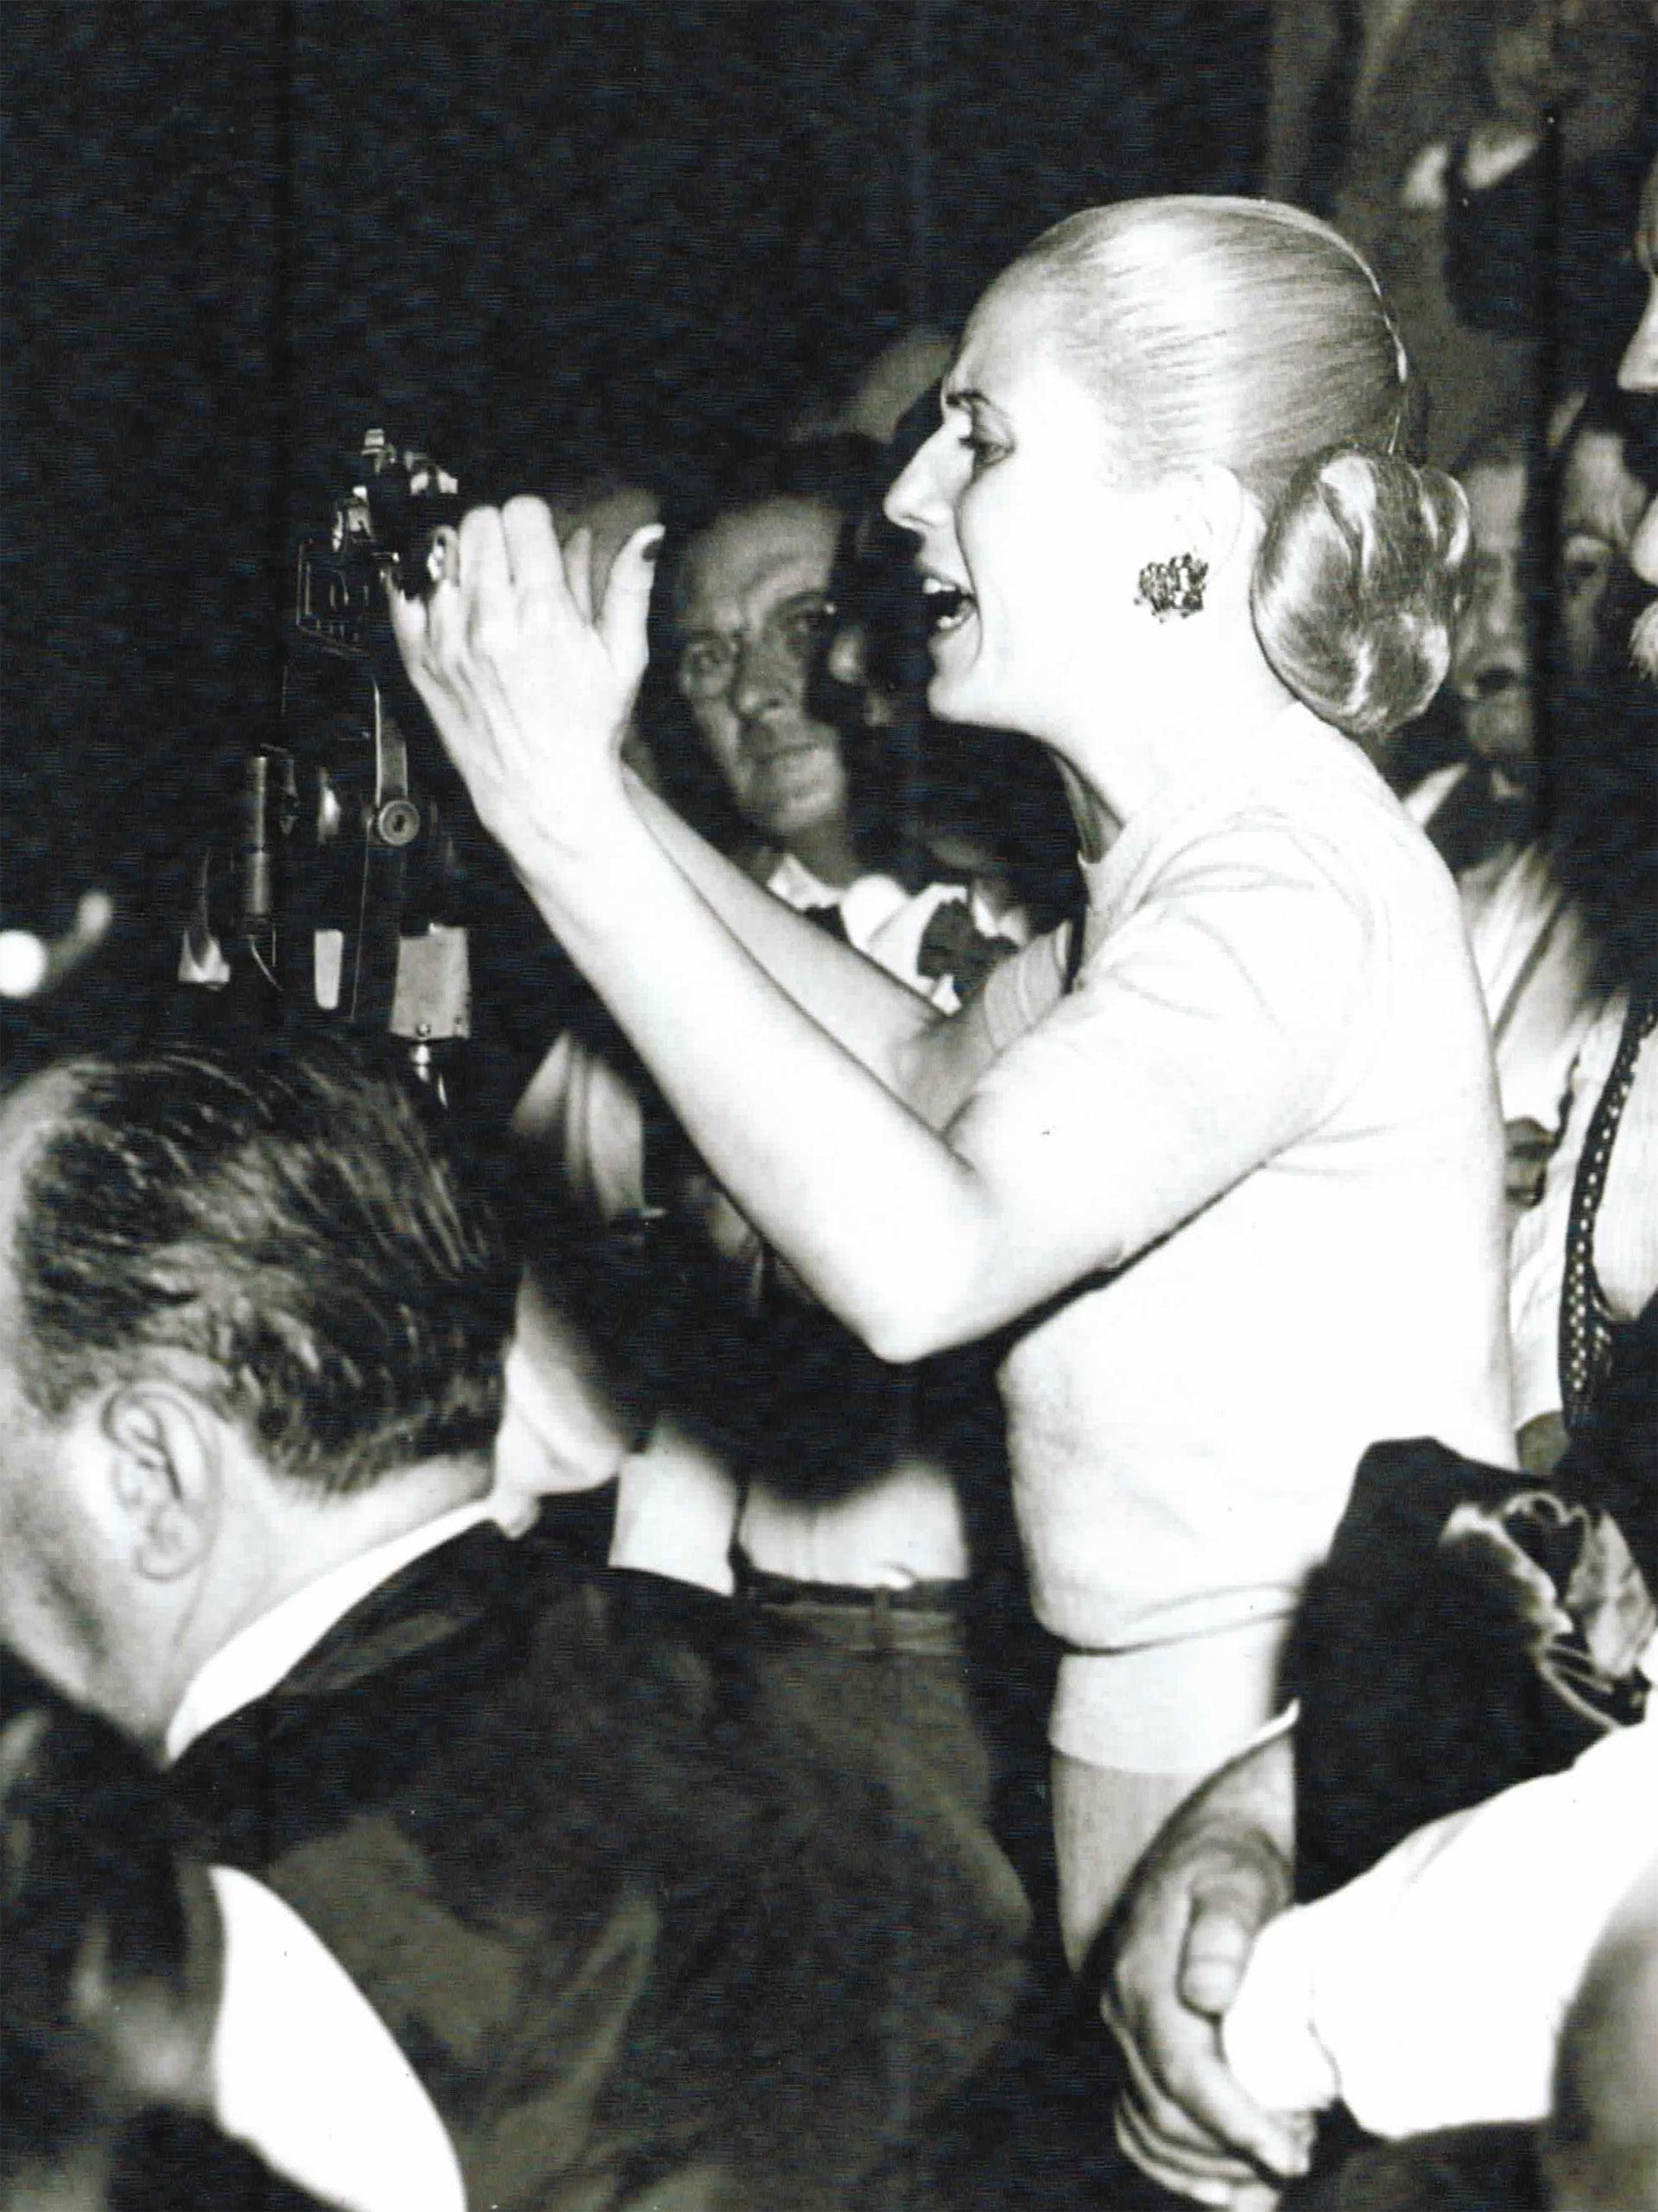 Esta emblemática foto de Evita dando un discurso también es de Fusco